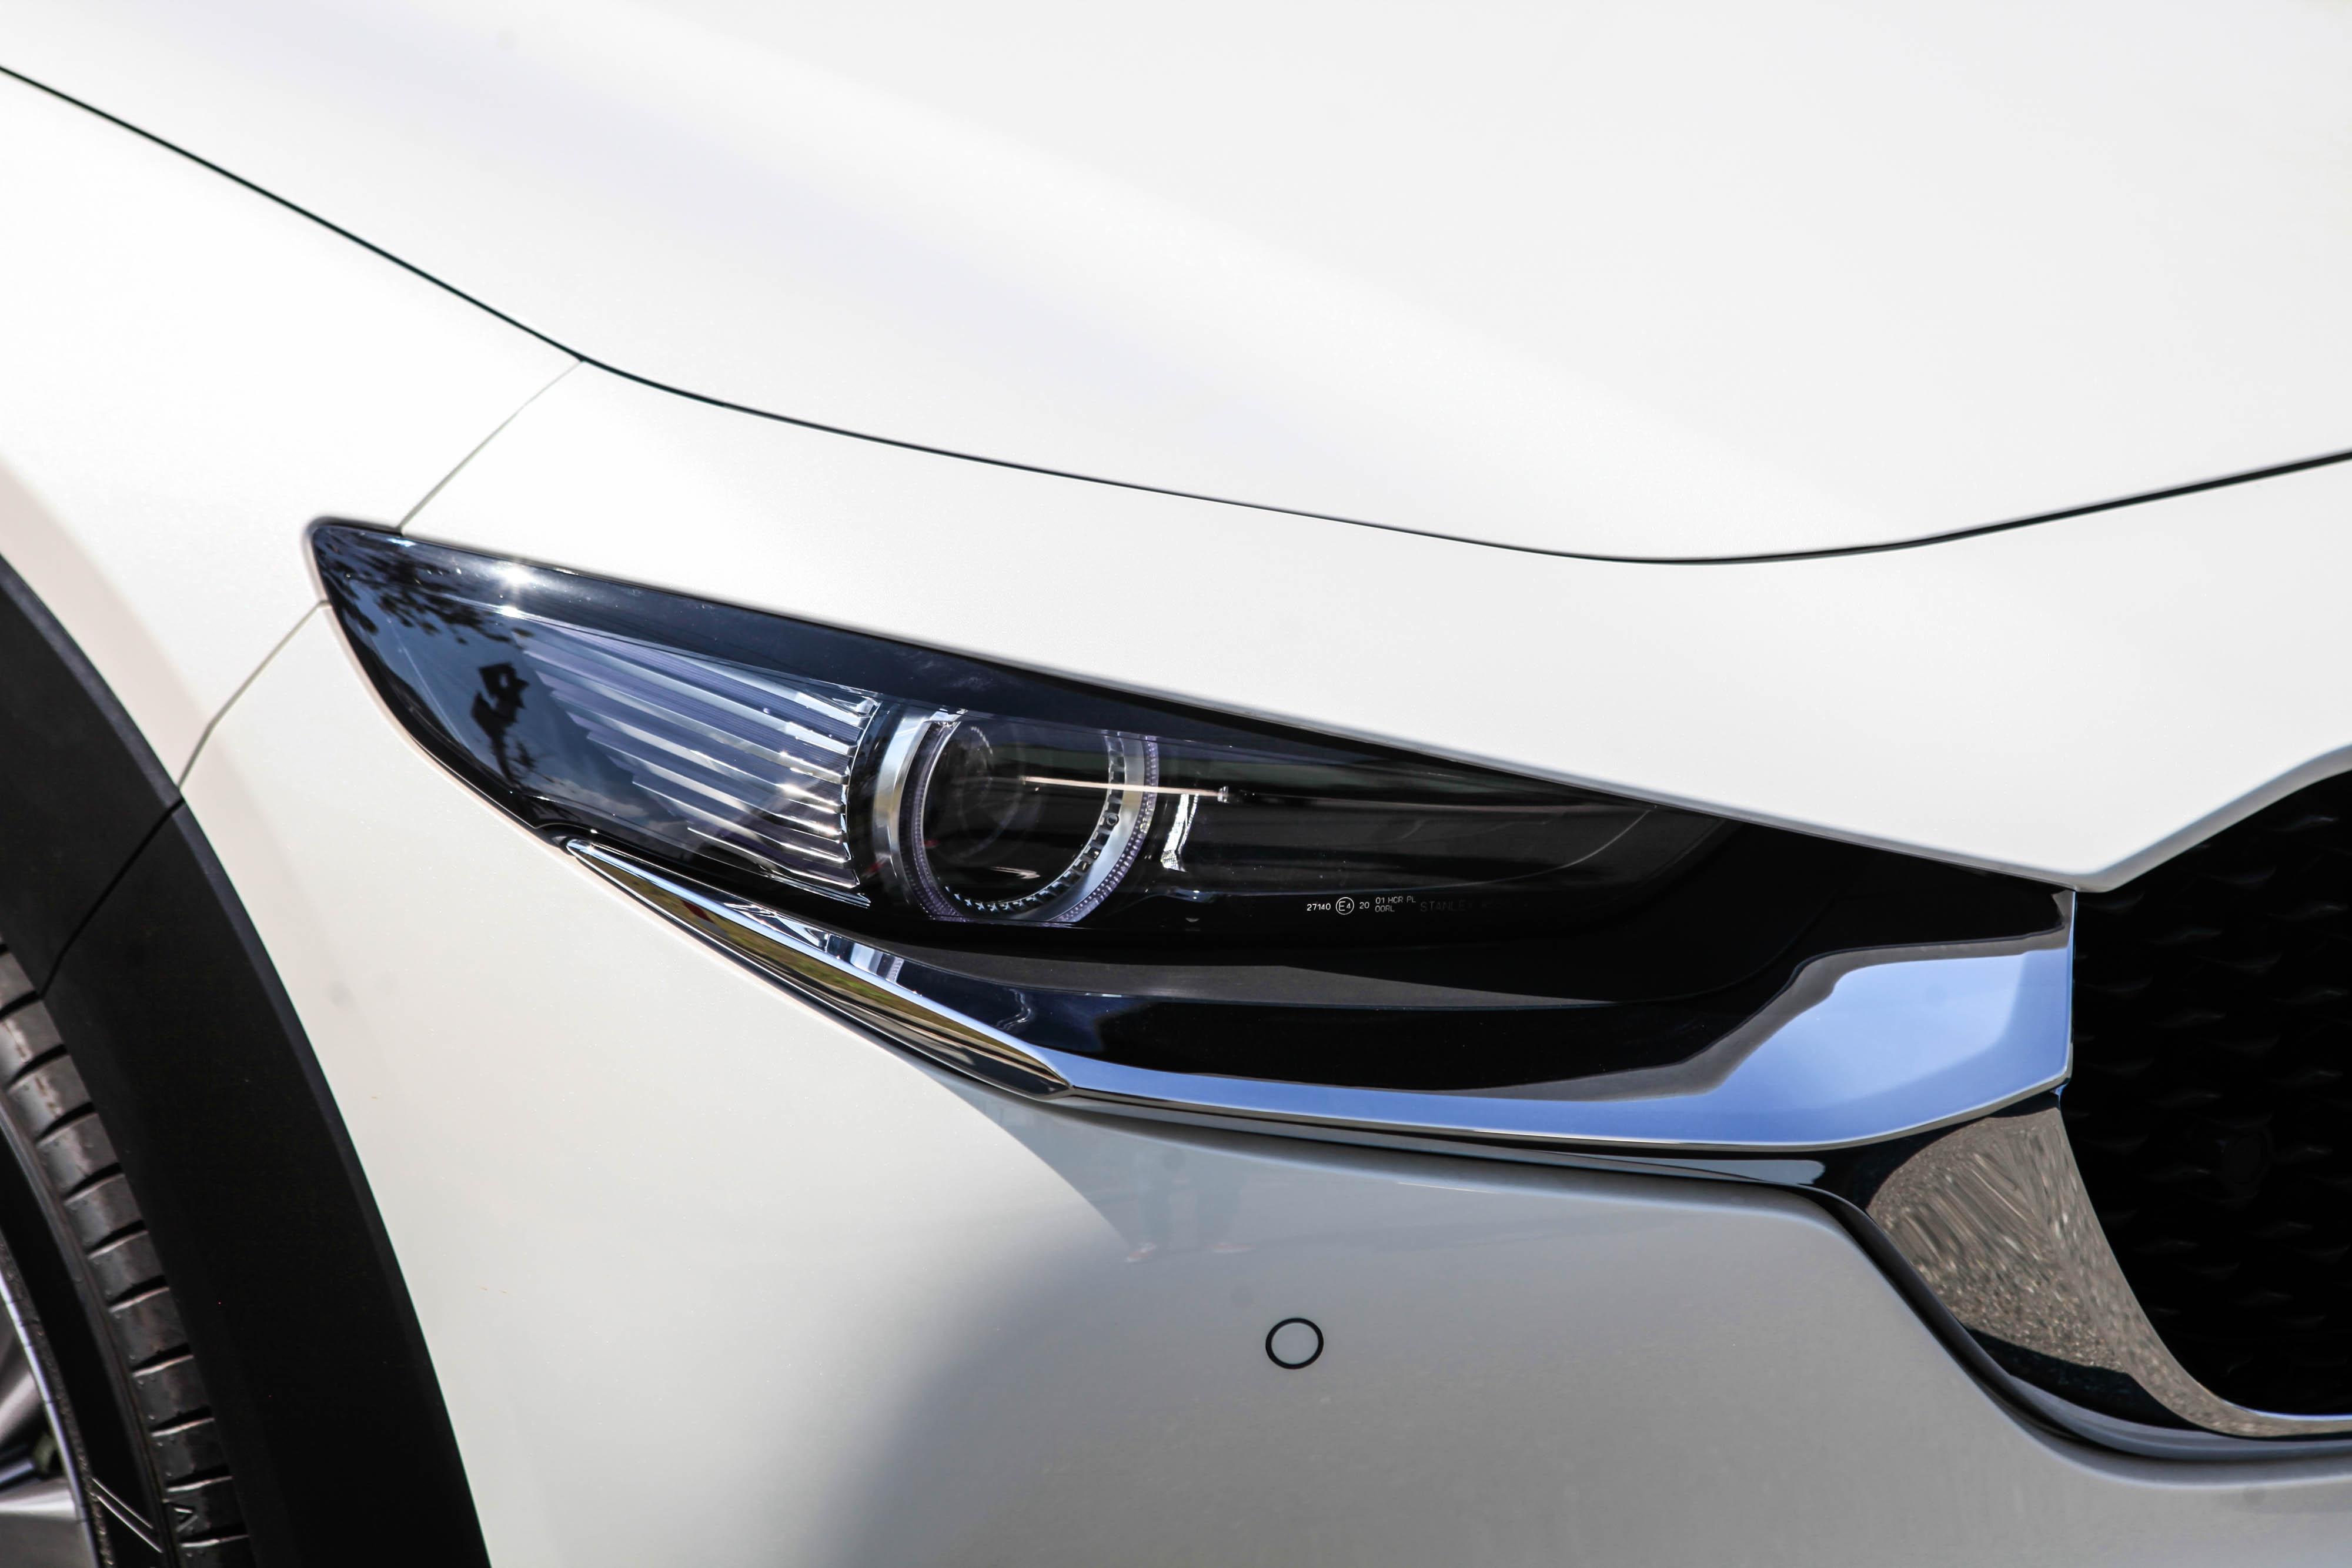 So sanh Mazda CX-30 va Honda HR-V anh 8